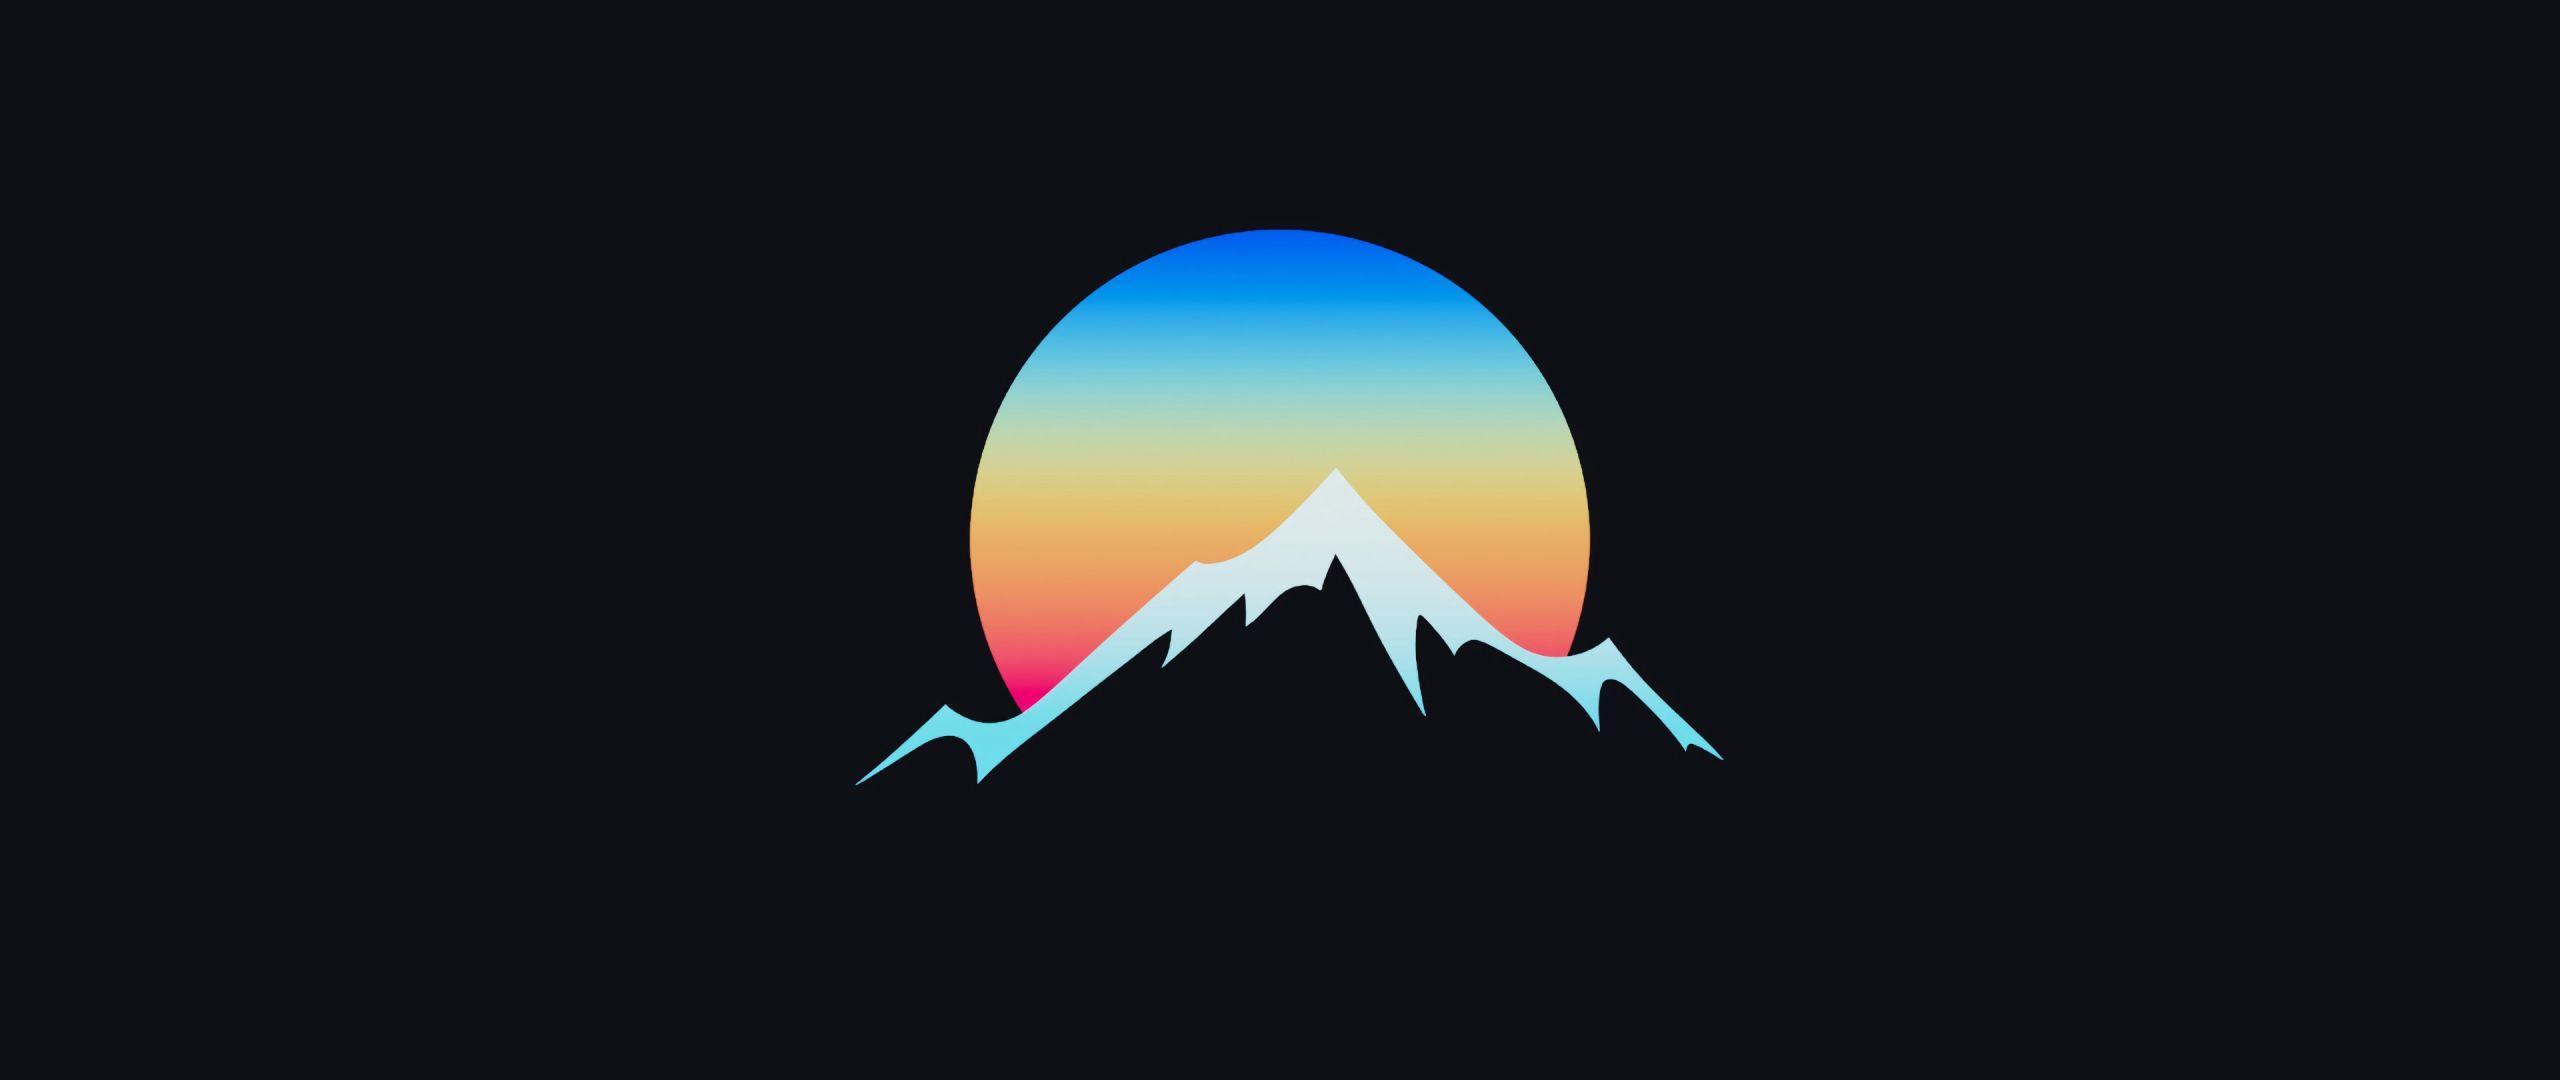 2560x1080 Minimalist Sunset In Hill 2560x1080 Resolution Wallpaper